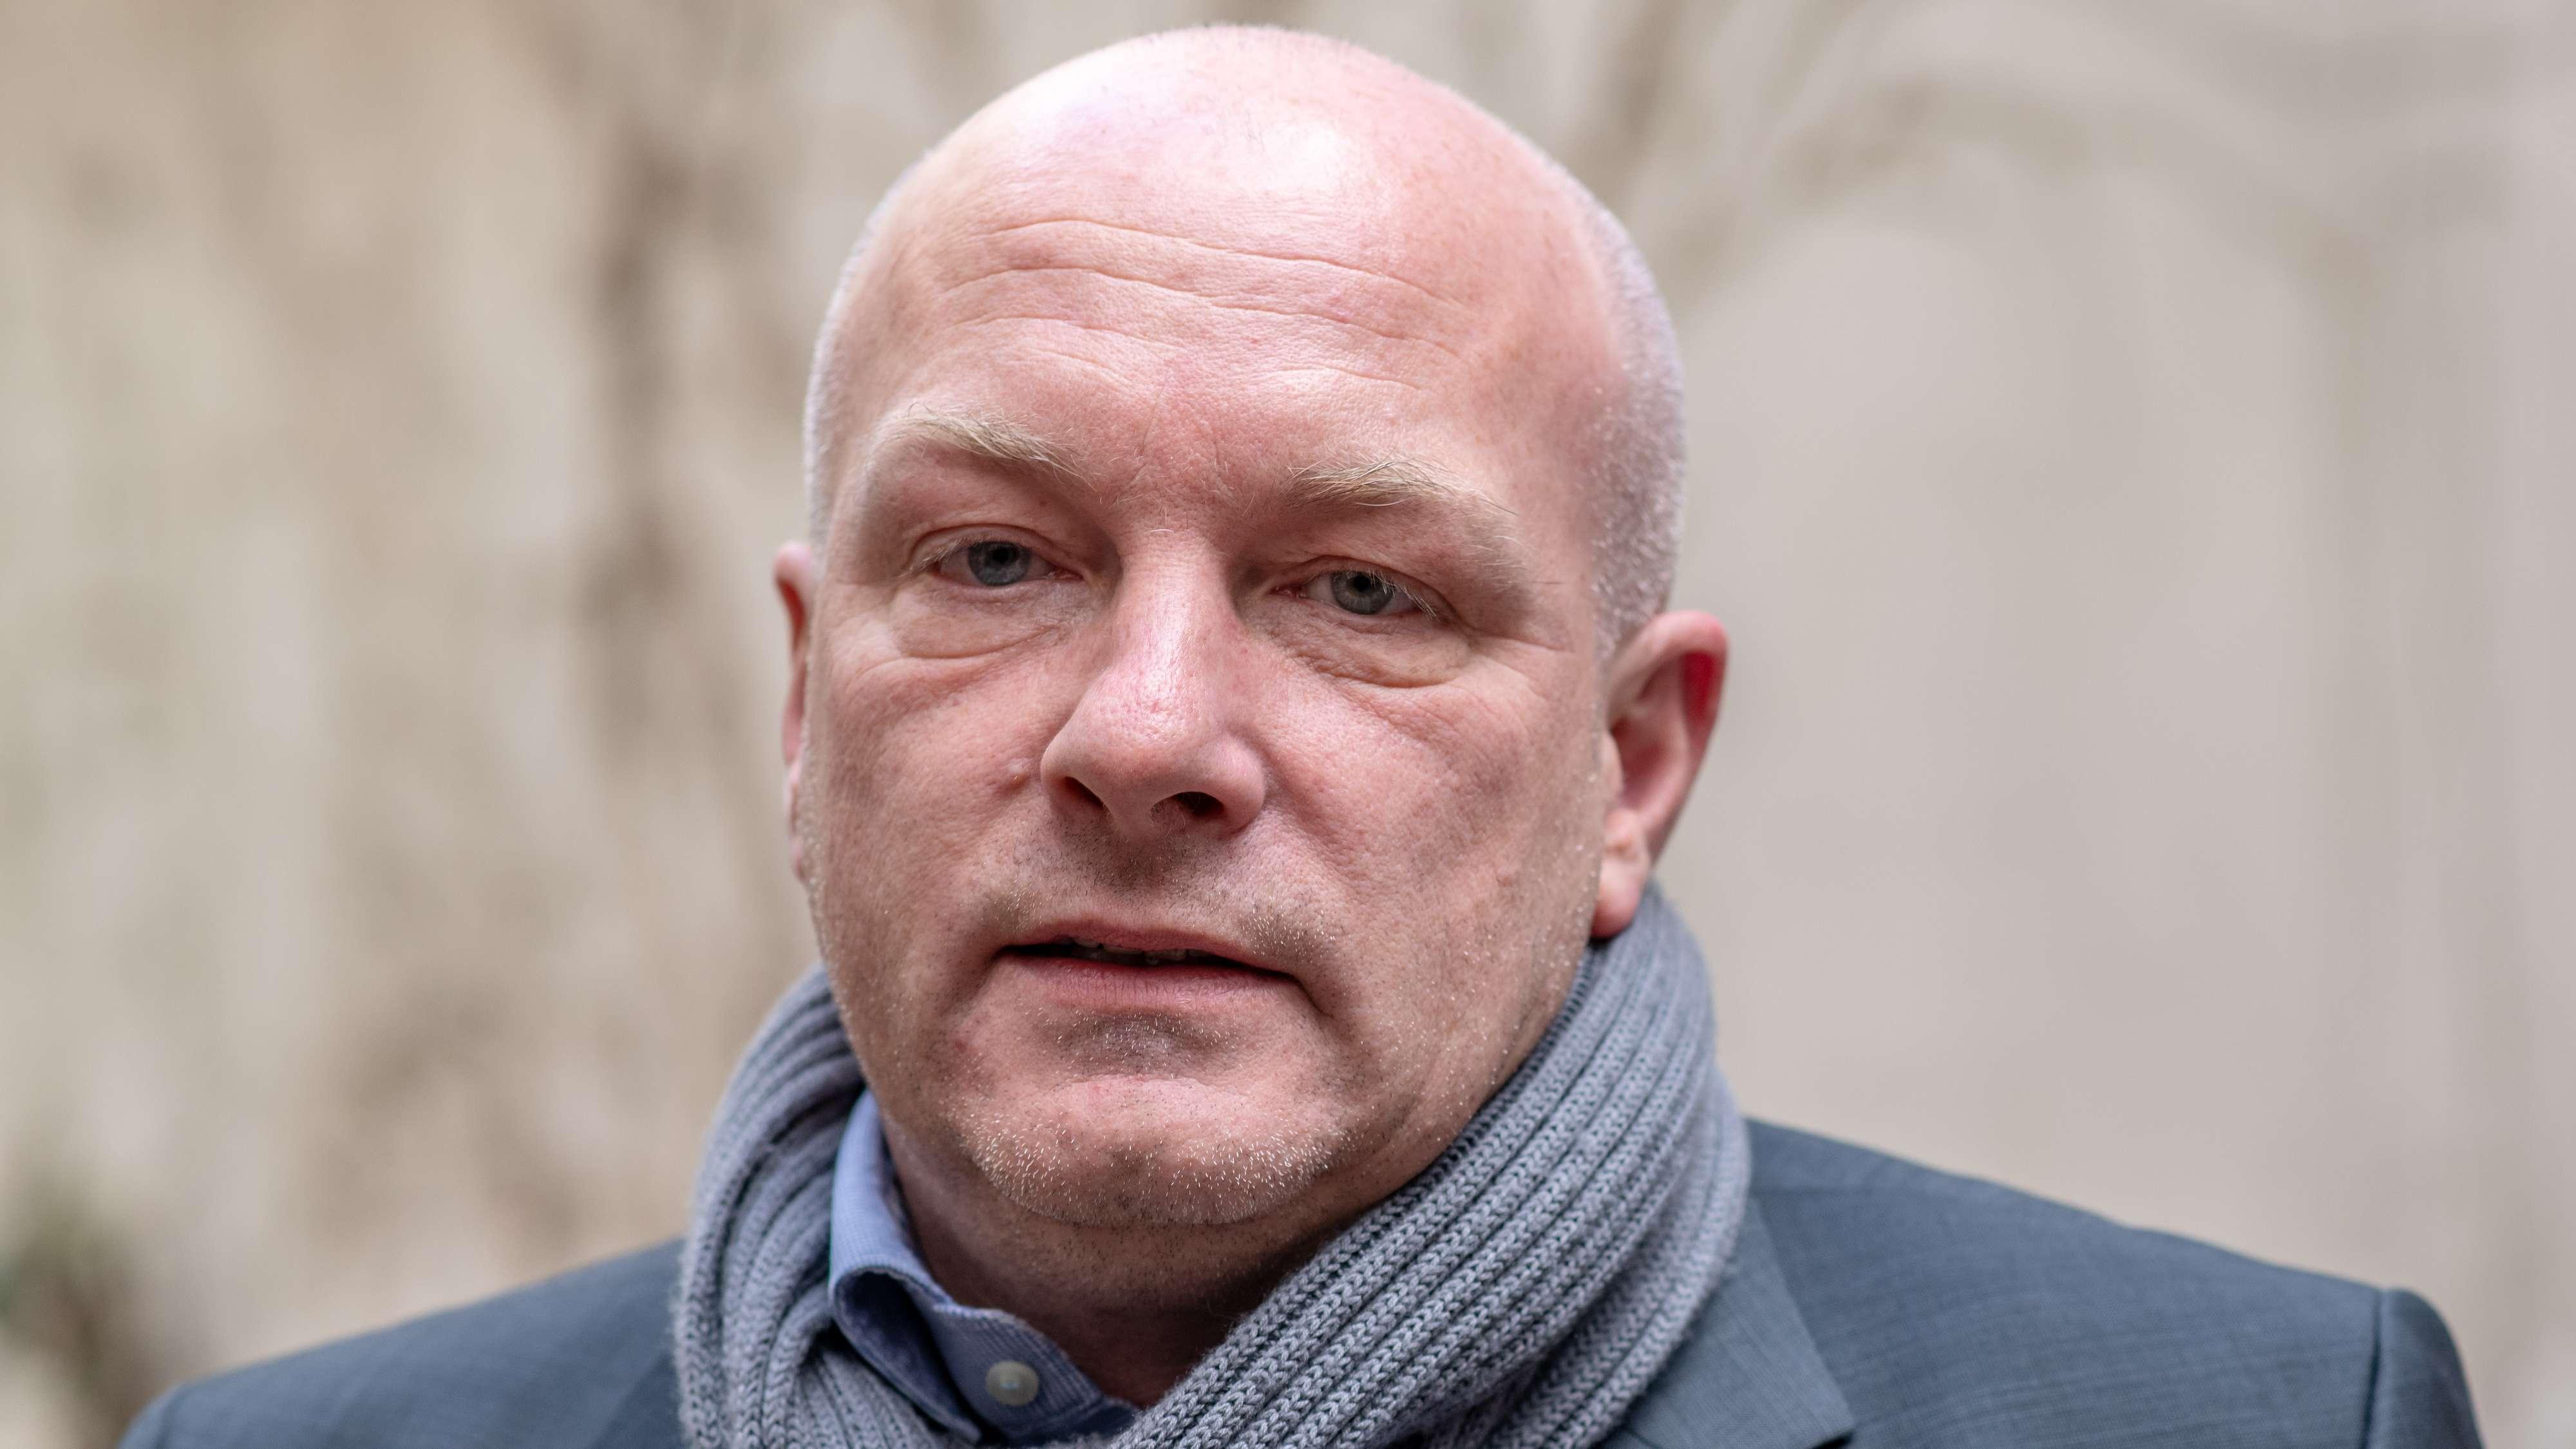 Joachim Wolbergs, der suspendierte Oberbürgermeister von Regensburg